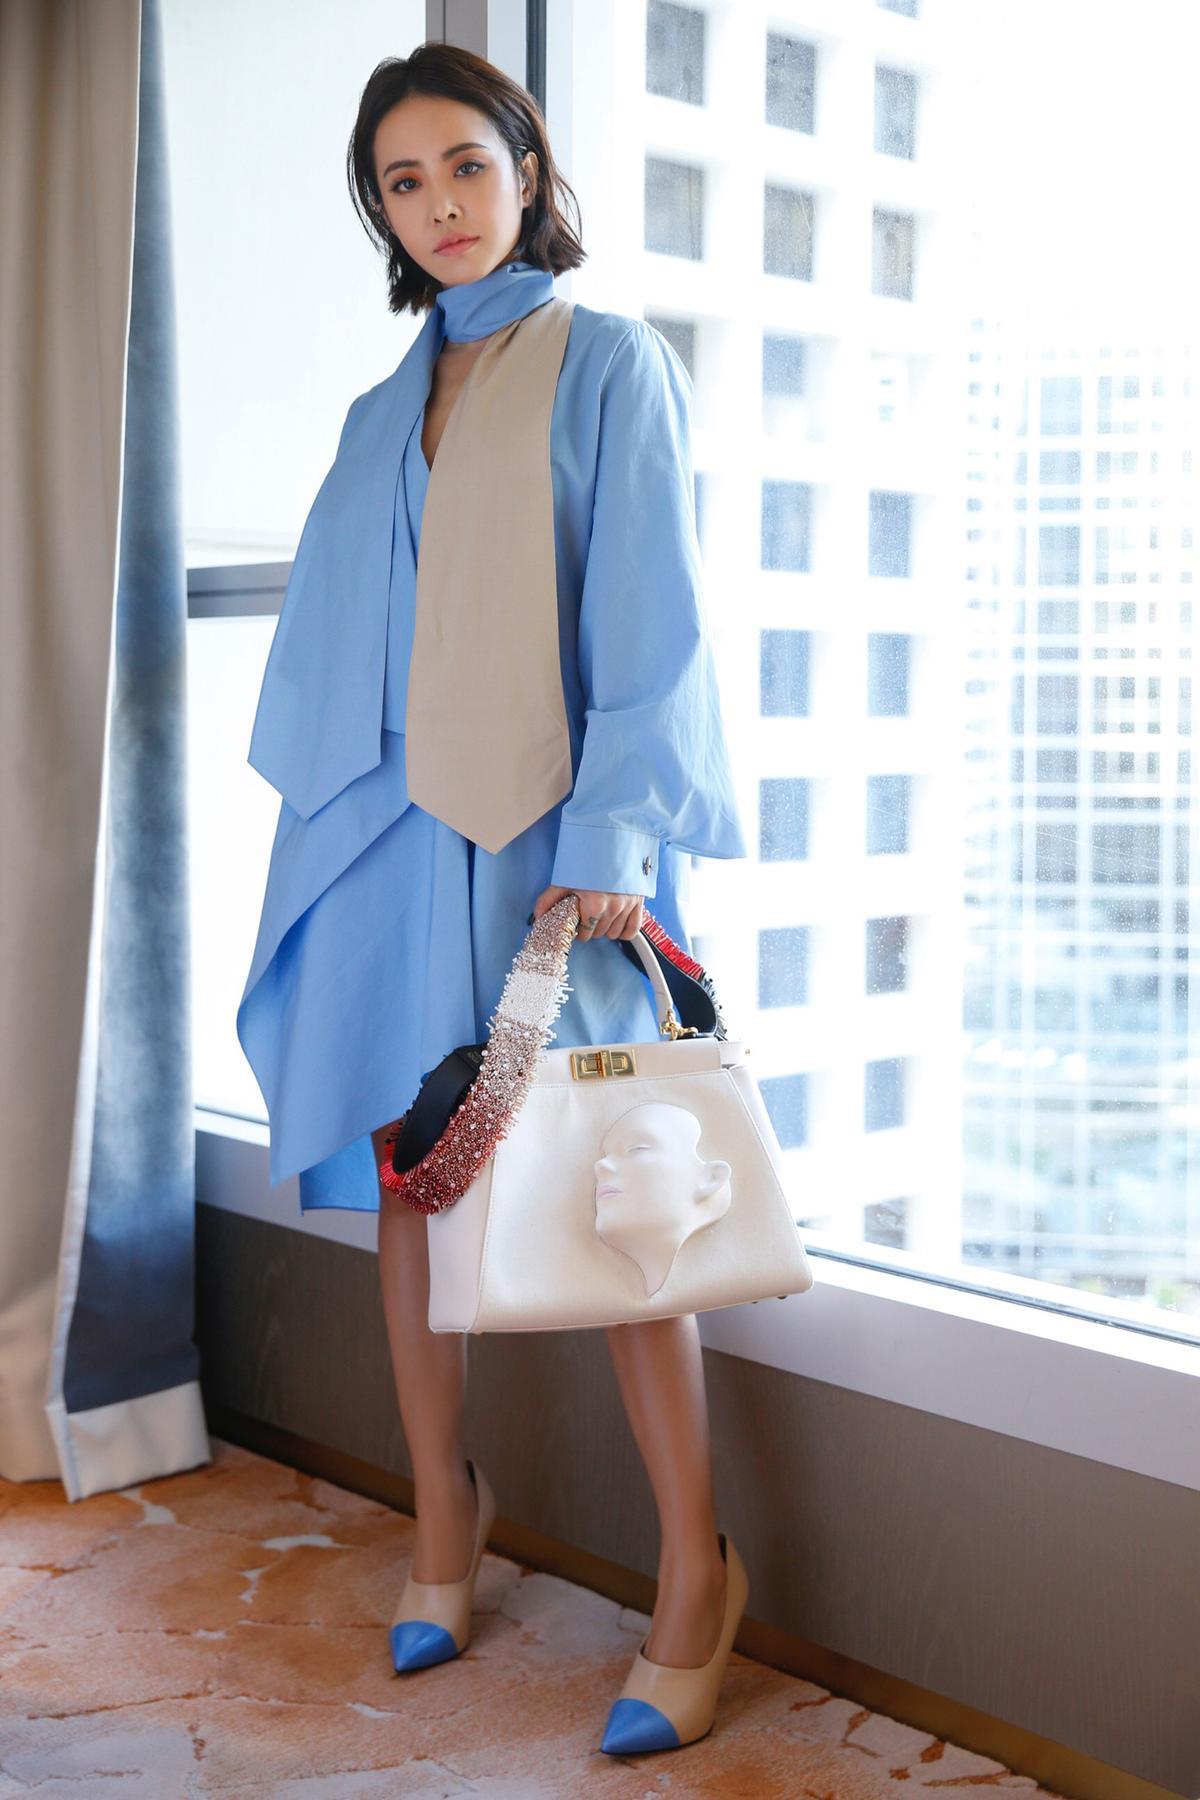 蔡依林:Jolin參與FENDI Peekaboo的包款設計拍賣活動,所得款項捐給「台灣小胖威利病友關懷協會」,是天后的愛心義舉,她以滴下淚珠的面具臉孔設計在包款上,作品獨一無二。(東方IC)